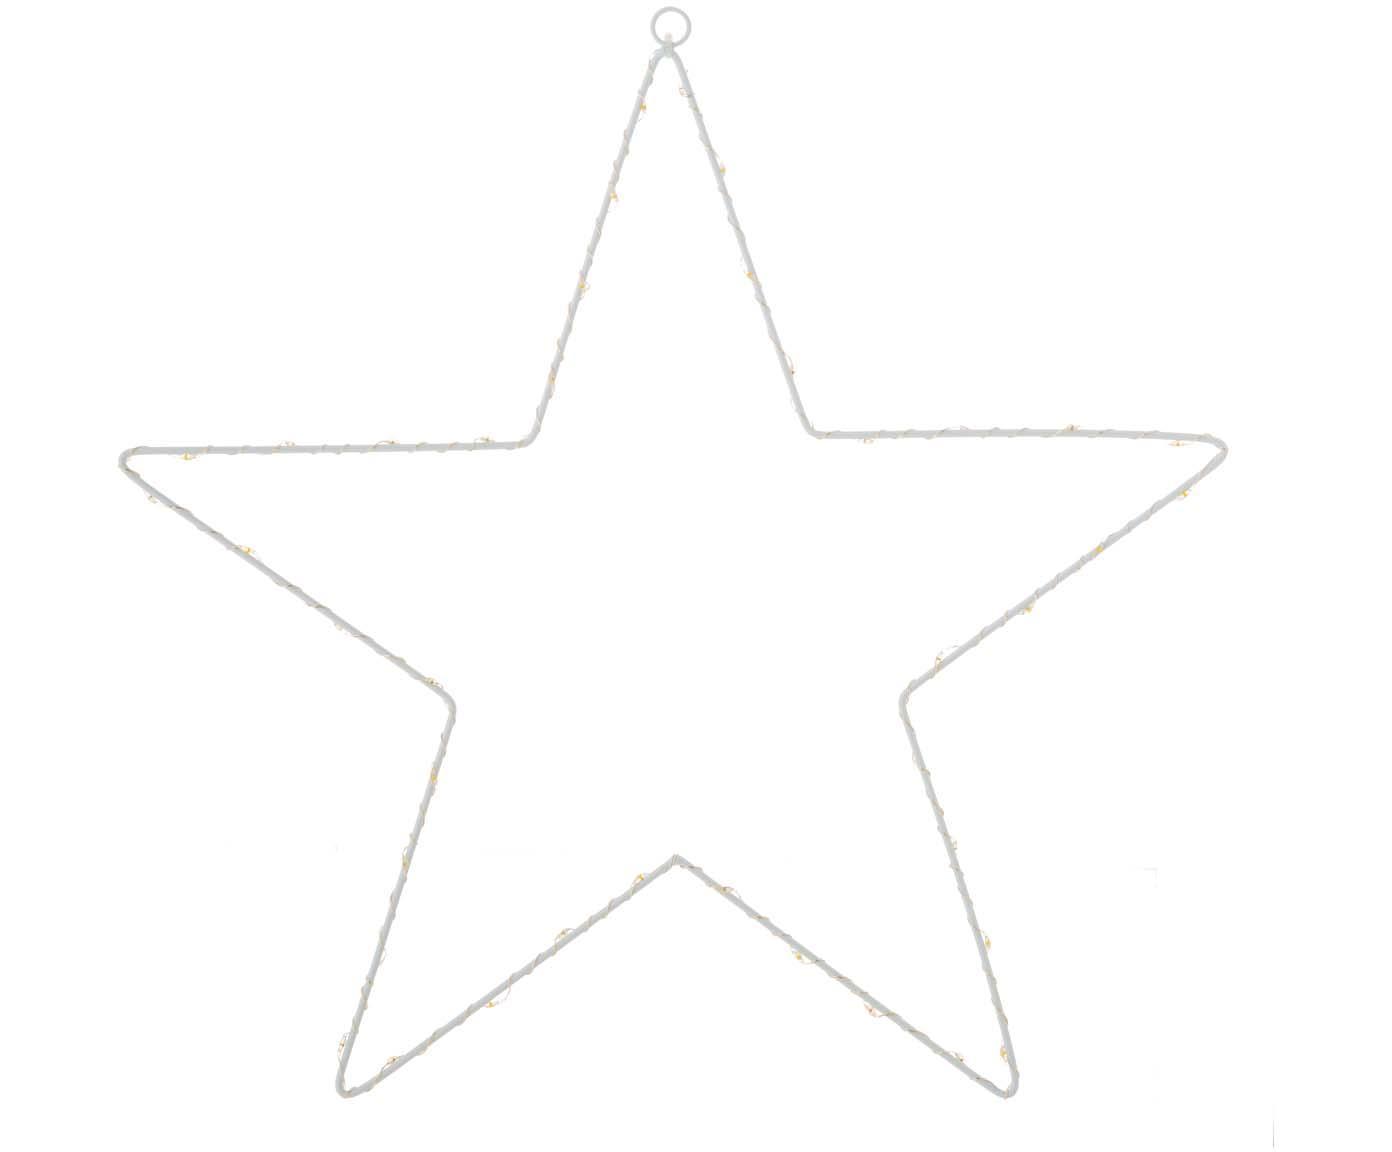 LED Leuchtobjekt Silhouet, Metall, lackiert, Weiß, 40 x 40 cm